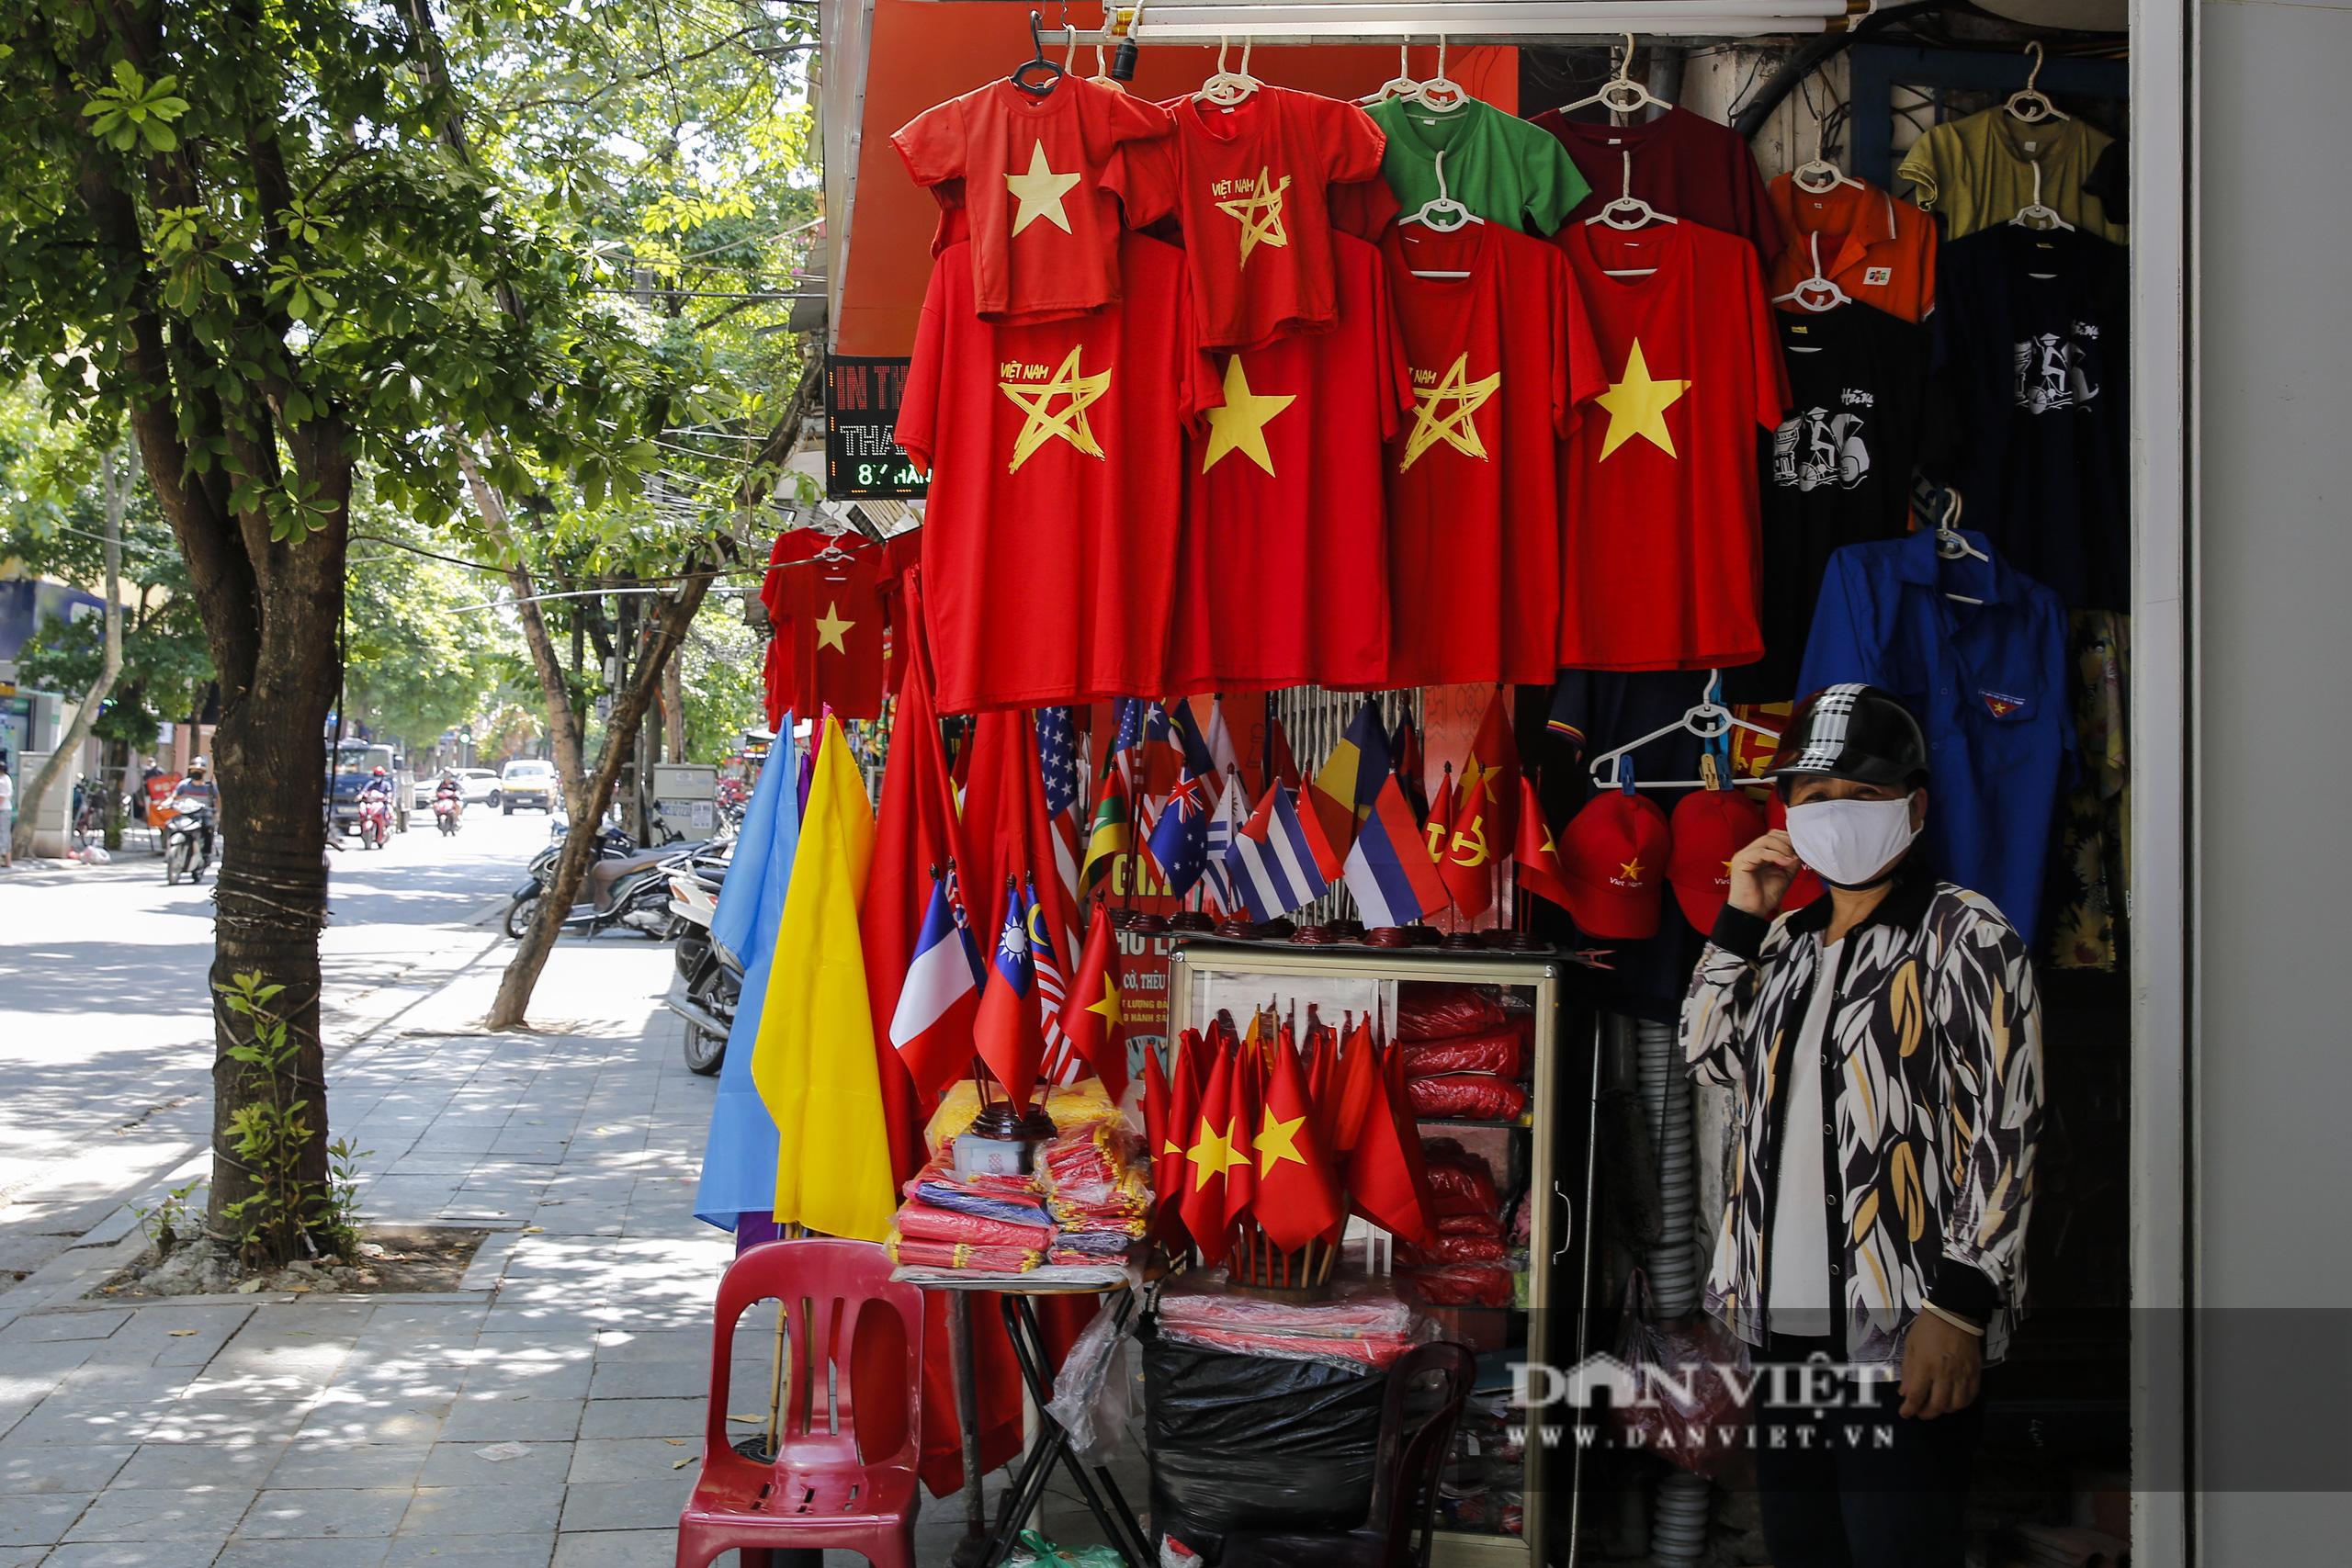 Hà Nội: Kỳ lạ con phố cổ dài 1 Km nhưng có 6 tên gọi khác nhau - Ảnh 7.